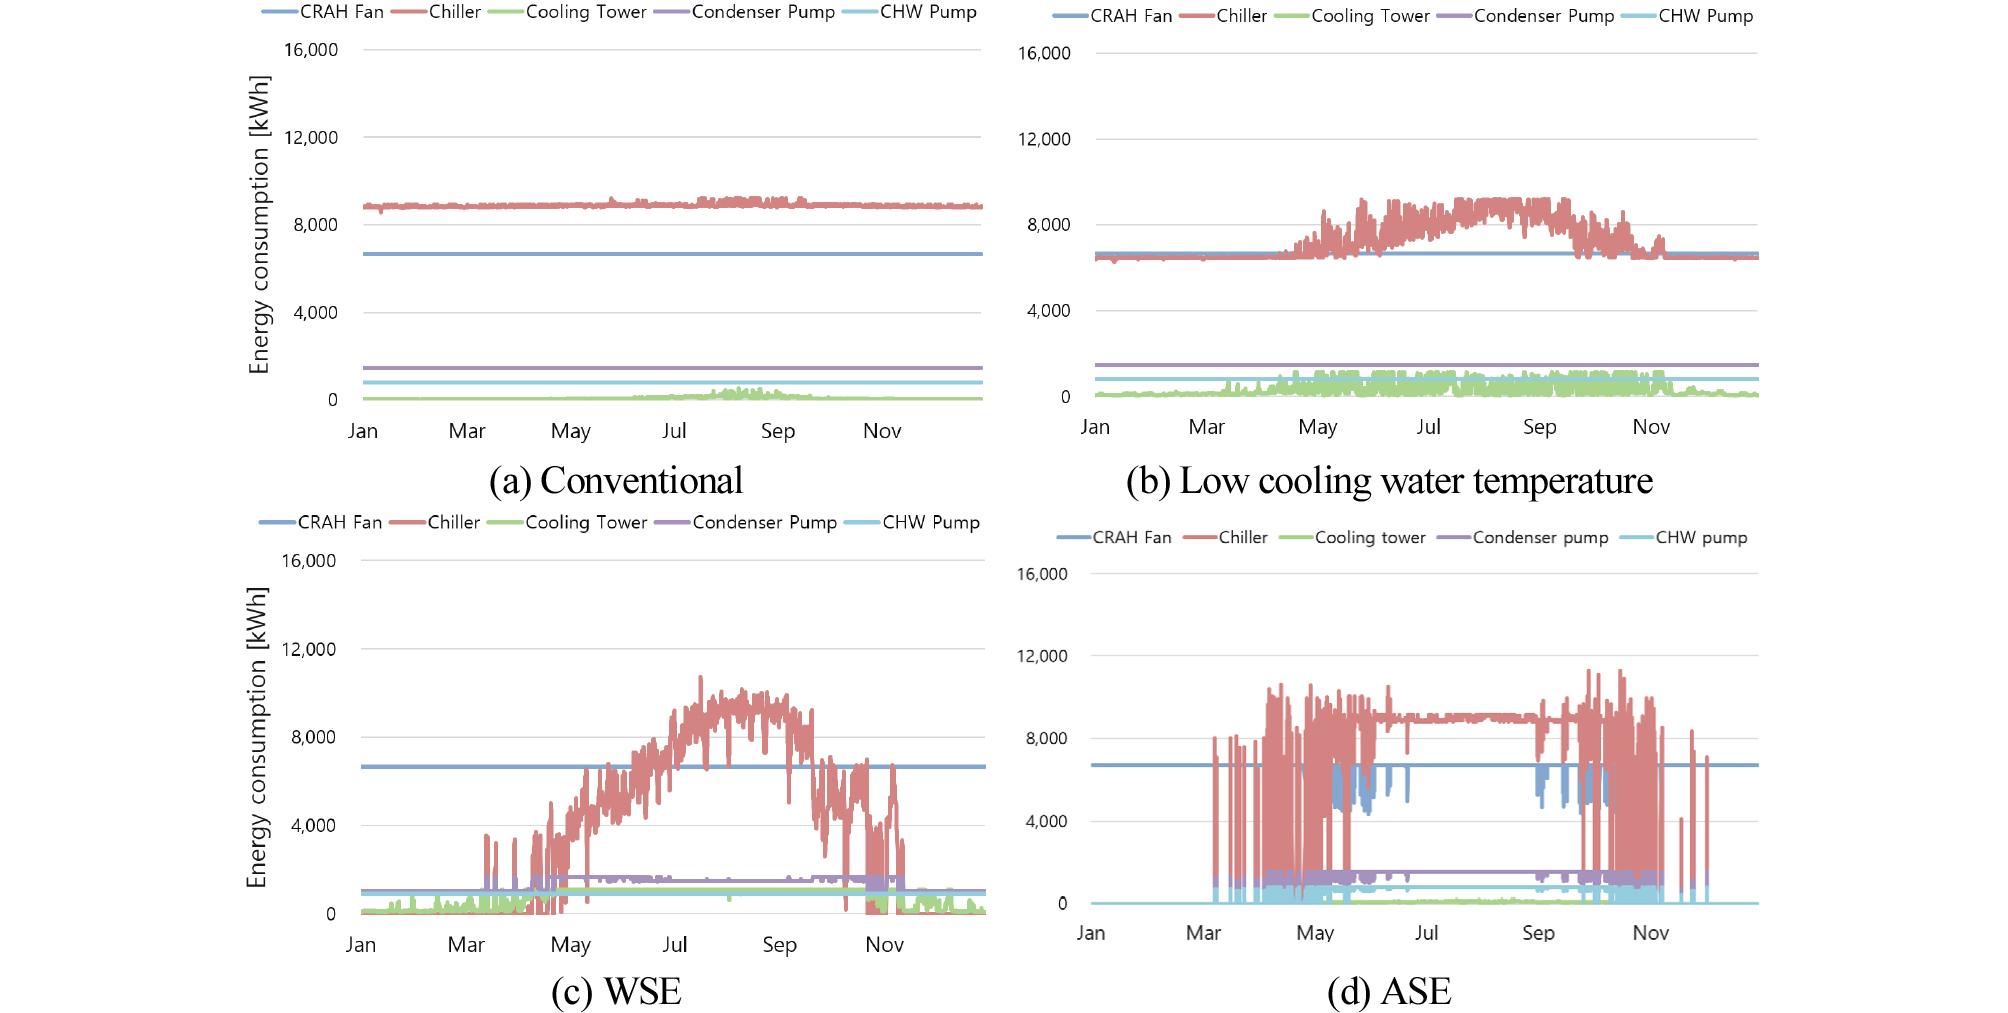 http://static.apub.kr/journalsite/sites/kiaebs/2020-014-05/N0280140506/images/Figure_KIAEBS_14_5_06_F4.jpg